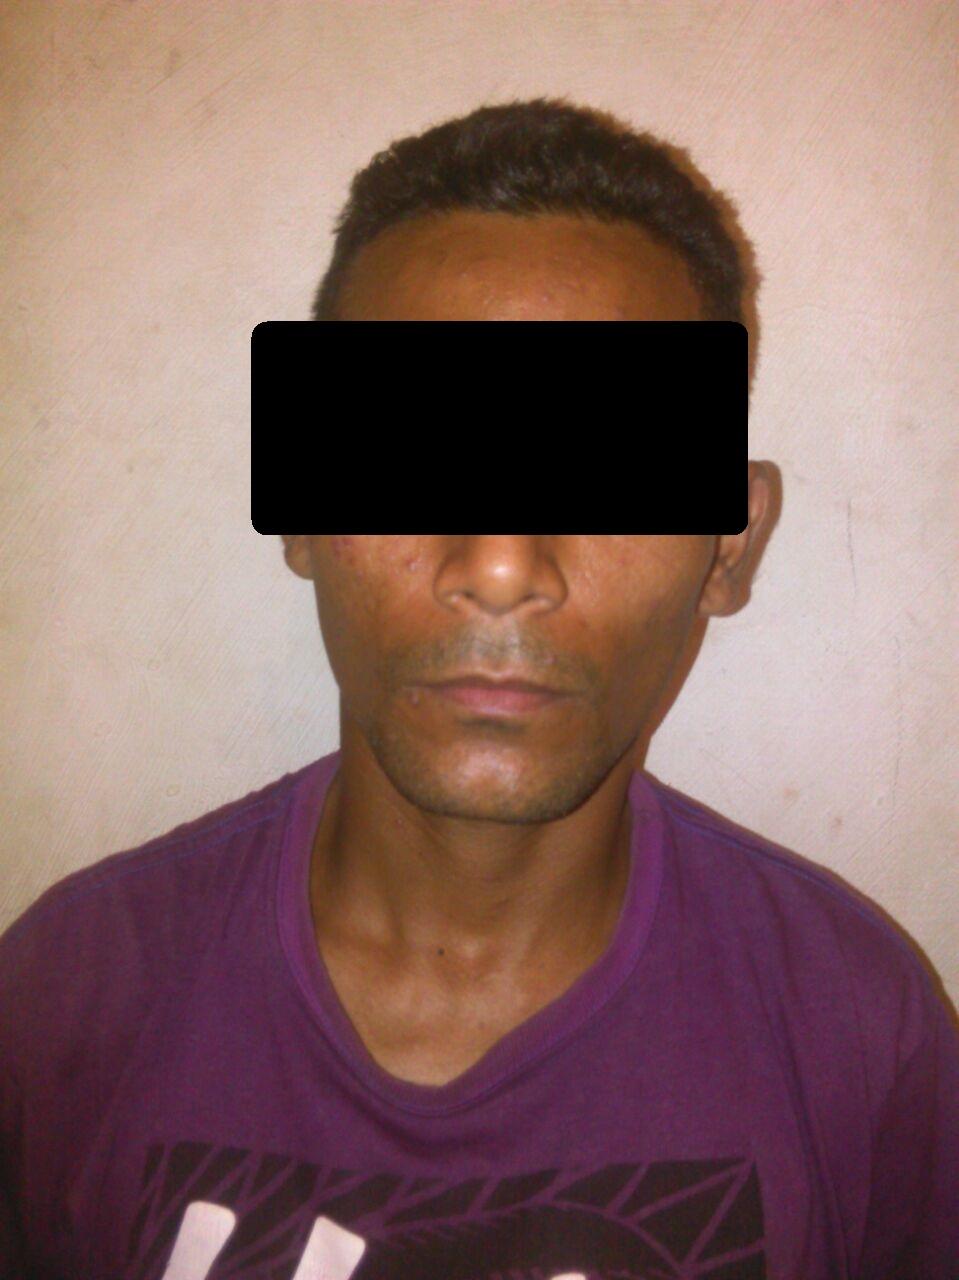 El sujeto de 27 años de edad detenido por los funcionarios de la Policía del estado Guárico por estar incurso en un atraco a mano armada